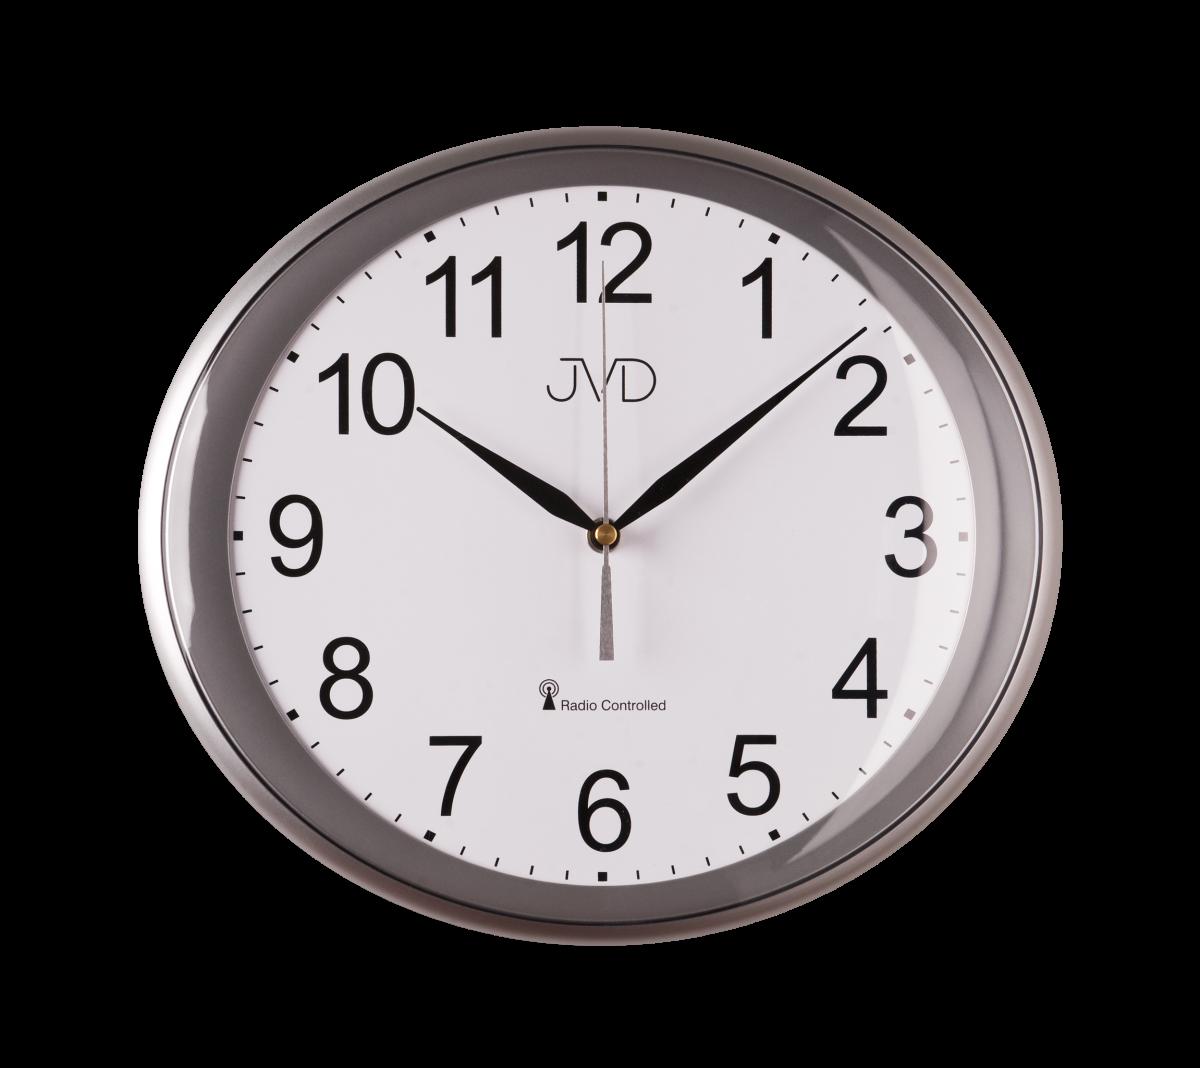 JVD Rádiem řízené nástěnné hodiny, hodiny na zeď RH 64.3.3